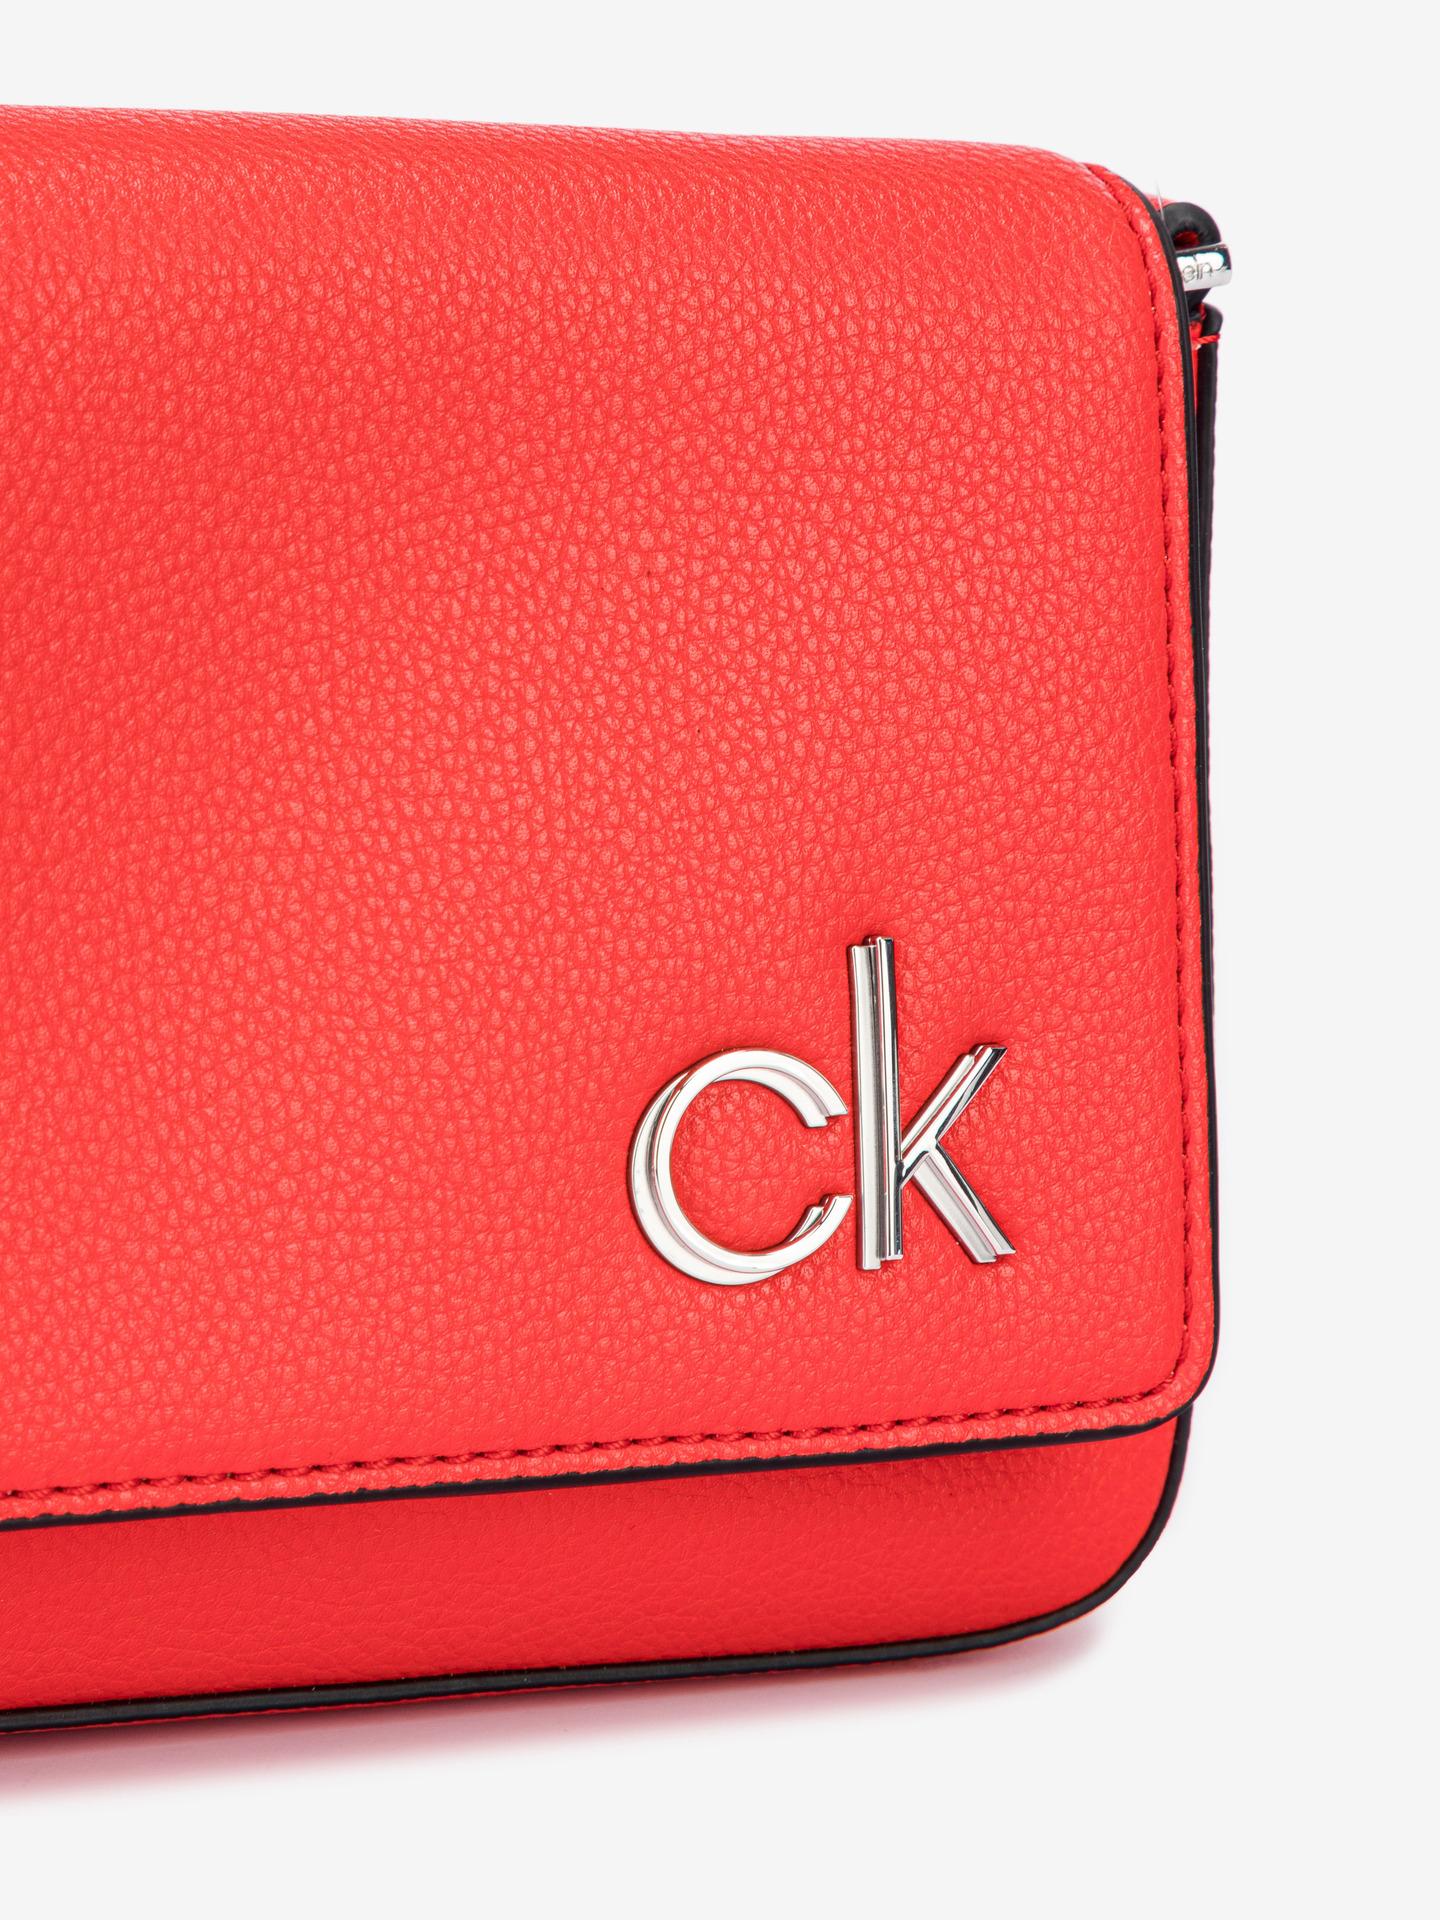 Calvin Klein červené crossbody kabelka Ew Flap